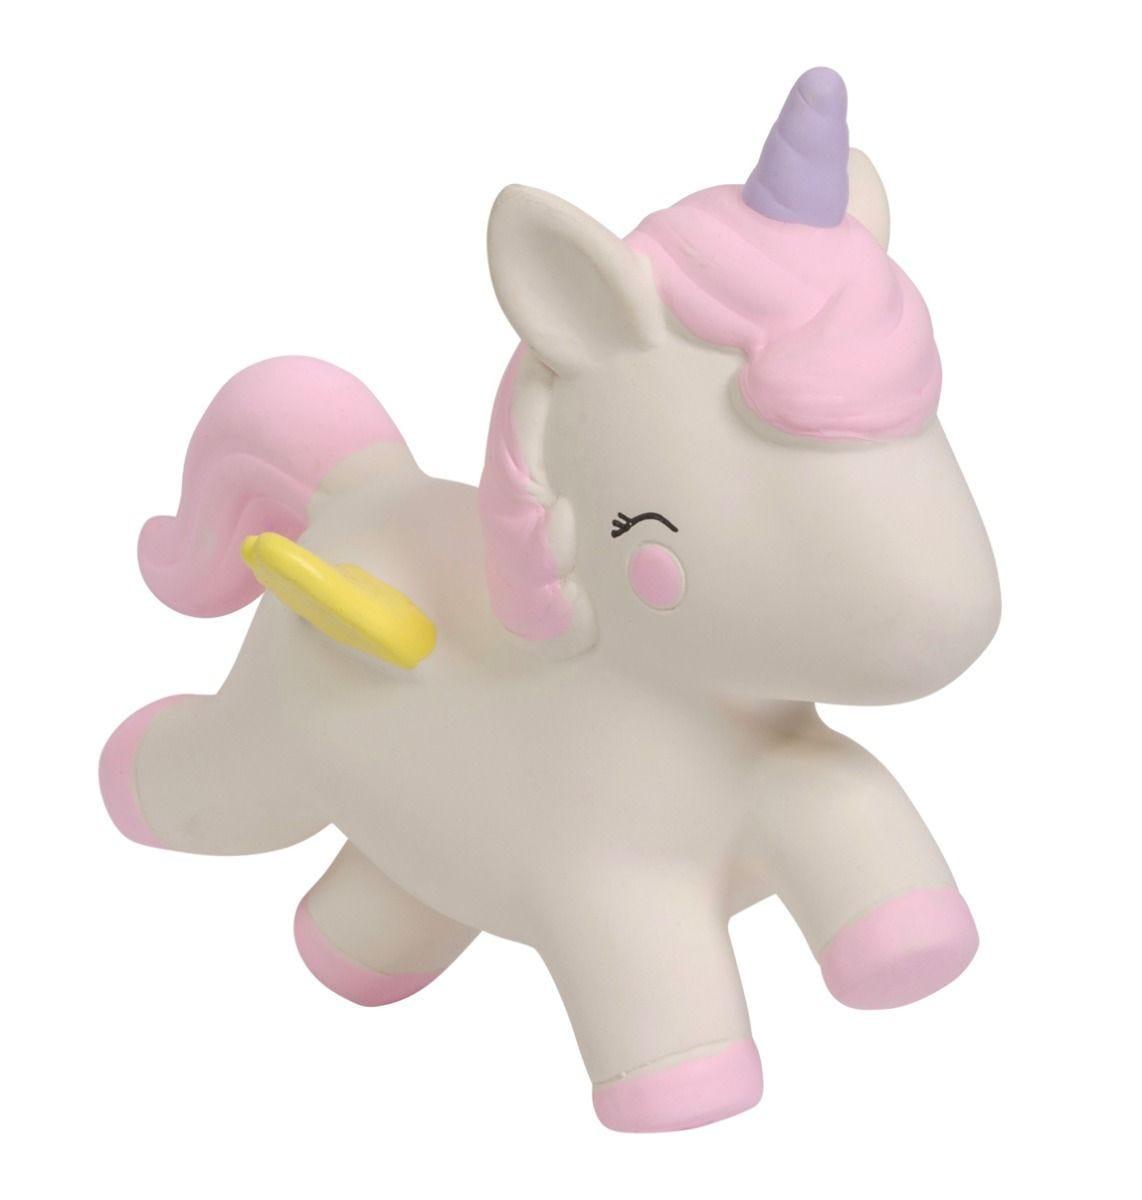 ttunwh03-lr-1_teething_toy_unicorn